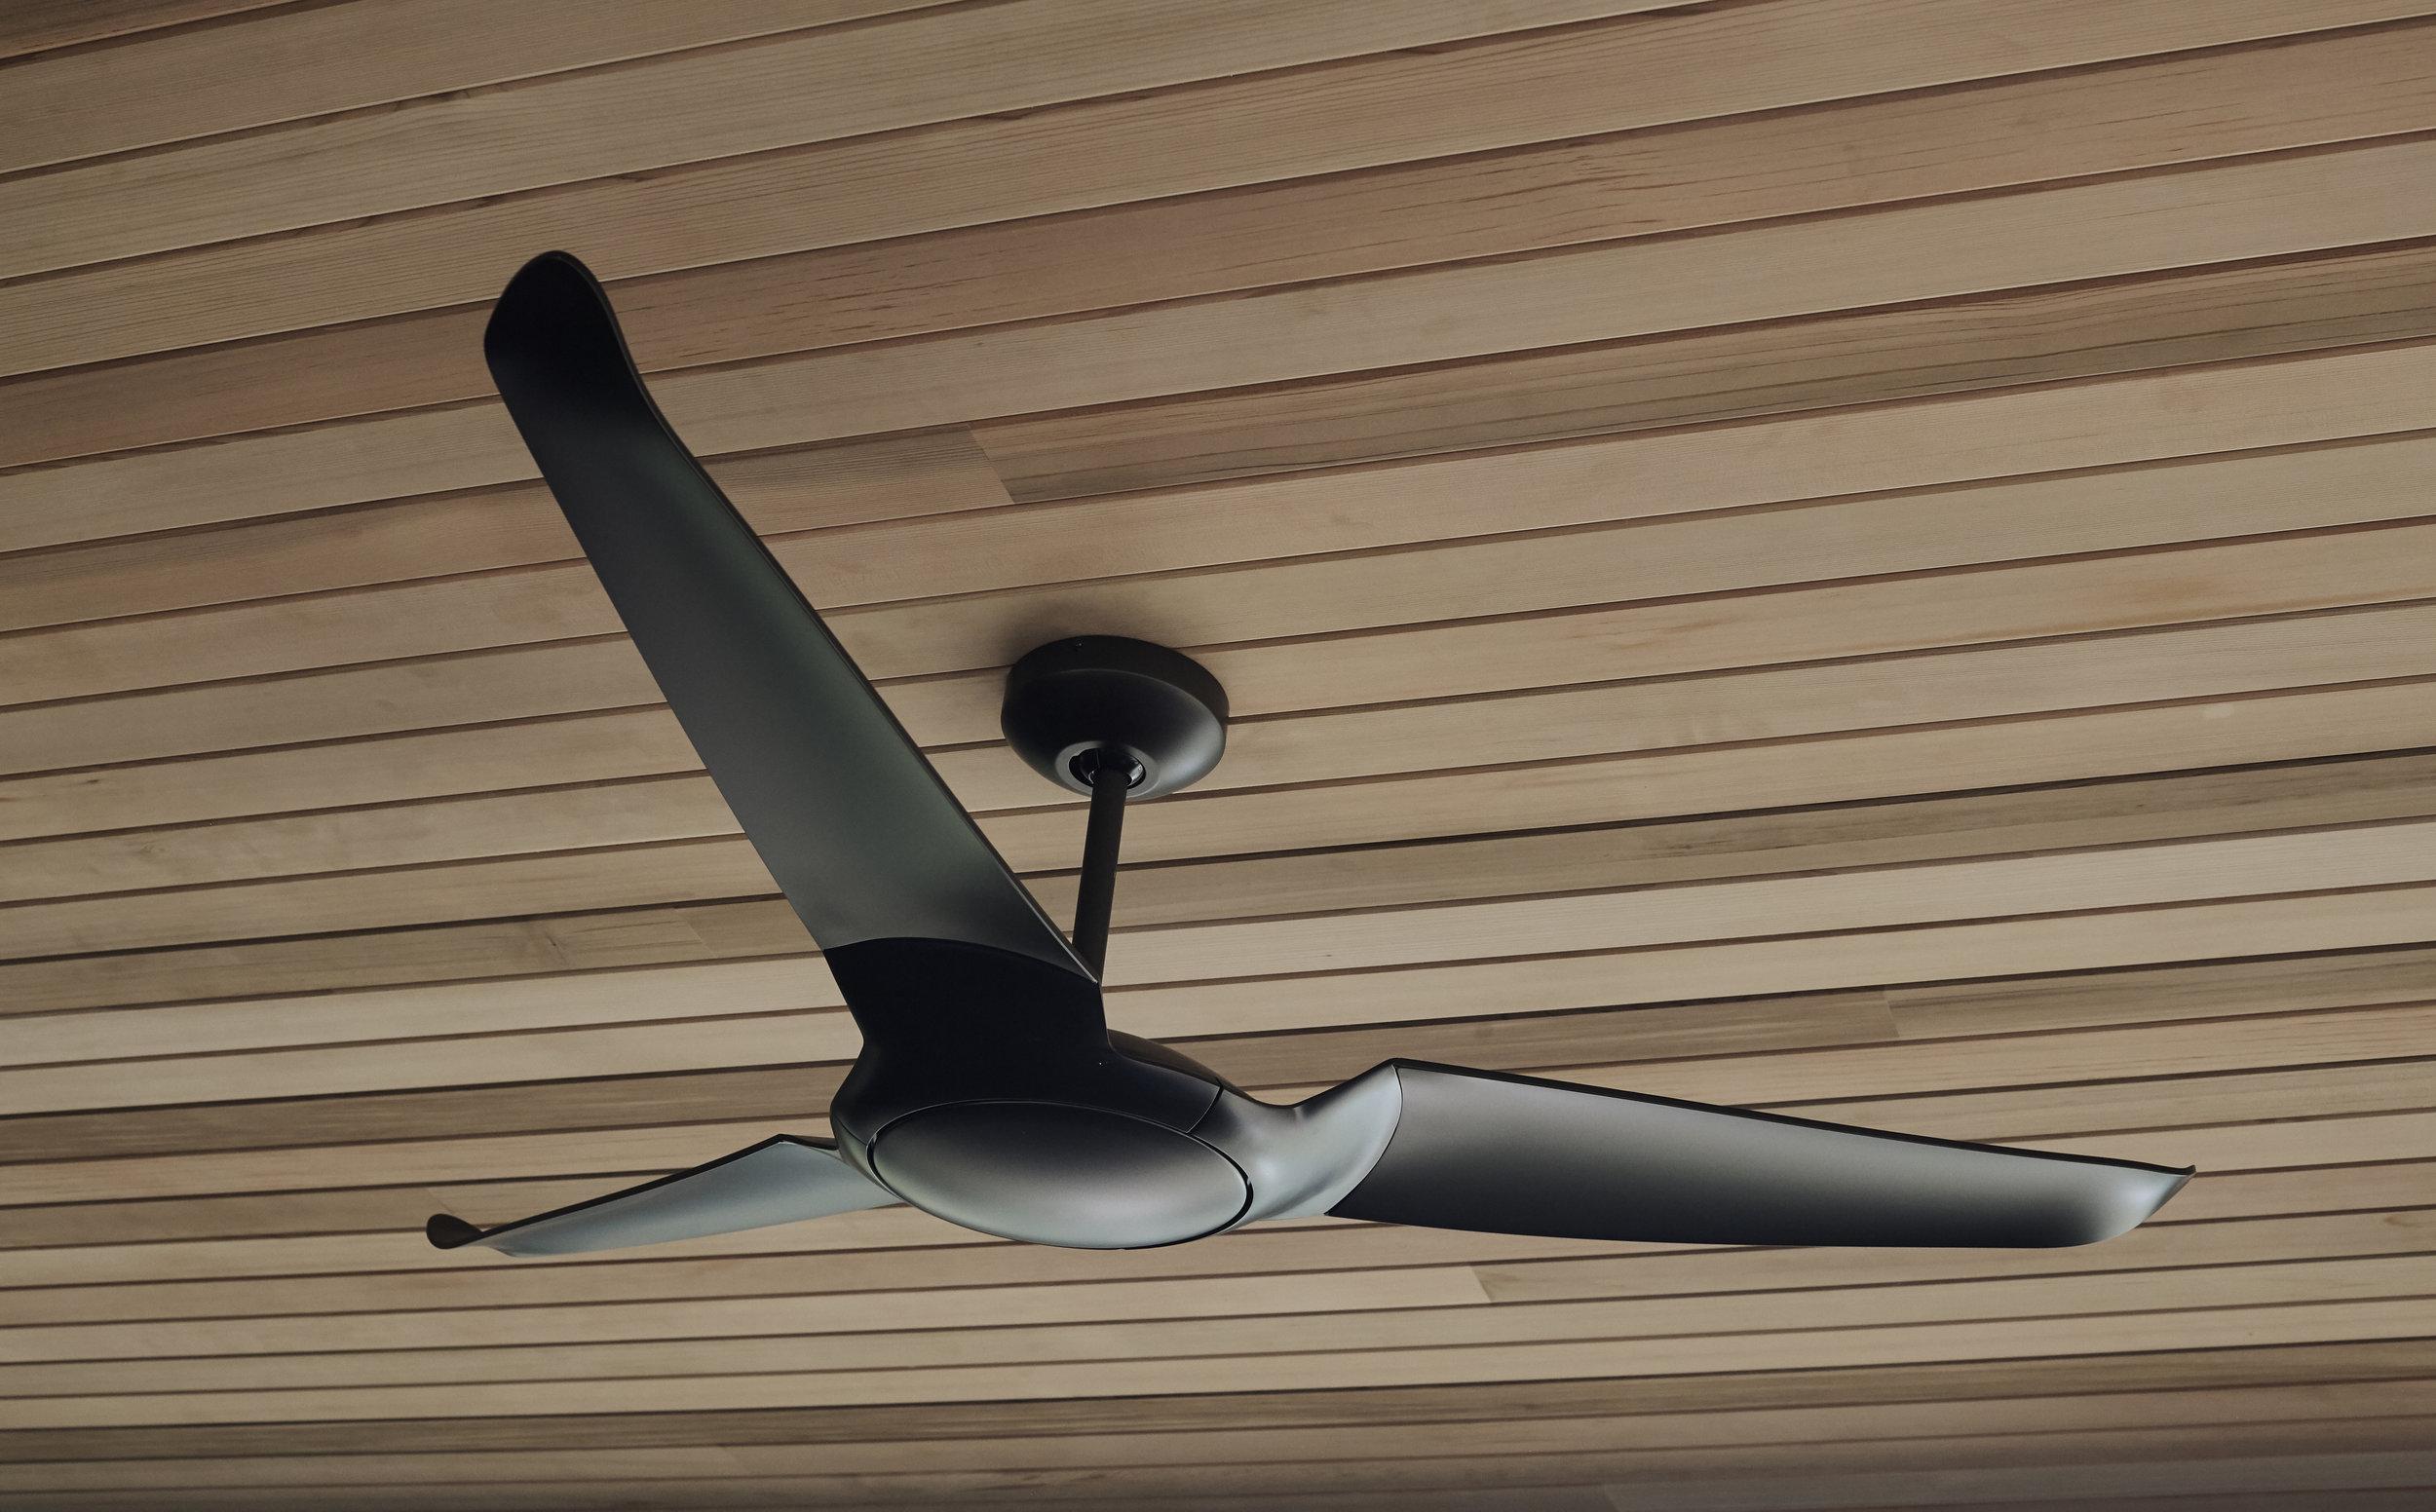 turkel_design_modern_prefab_home_partners_modern_fan_co_thumbnail.jpg